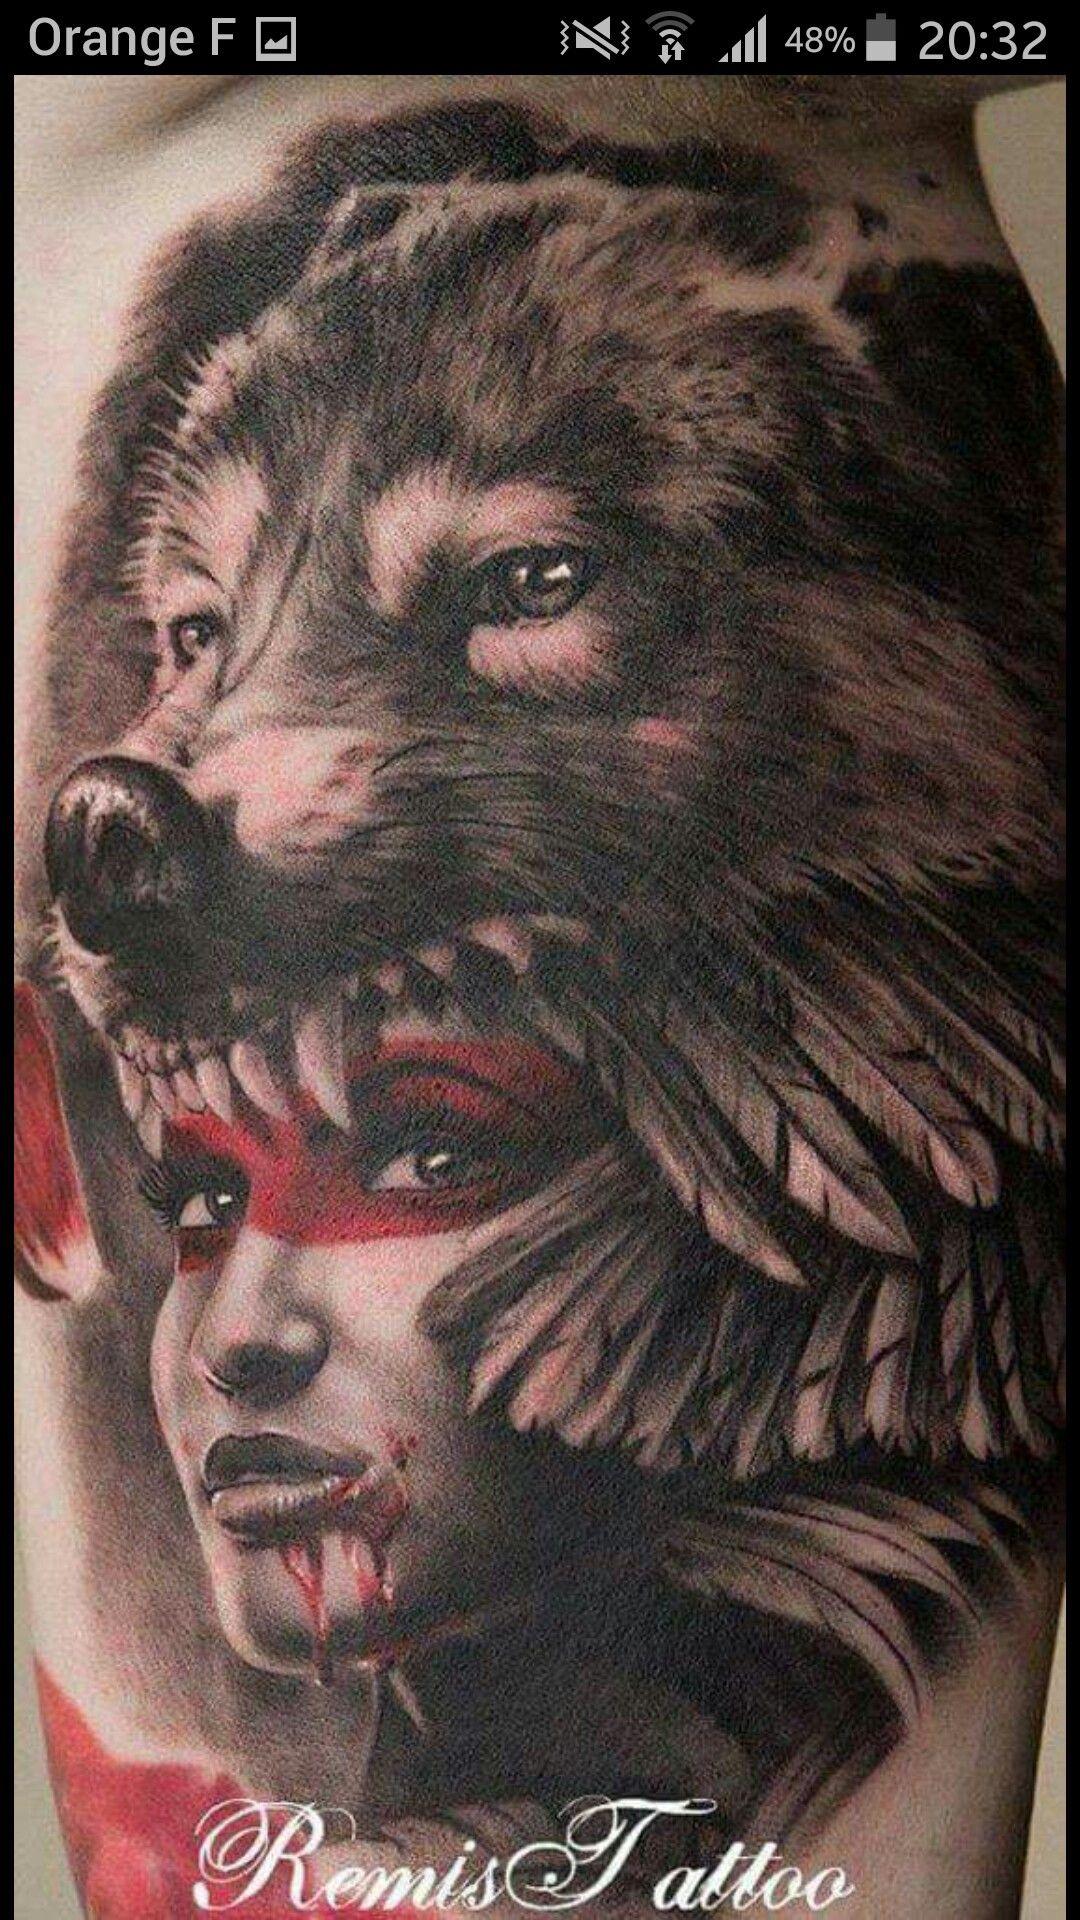 Pin eulen tattoo bedeutungen f on pinterest - Erkunde Zeichnen Ideen Und Noch Mehr